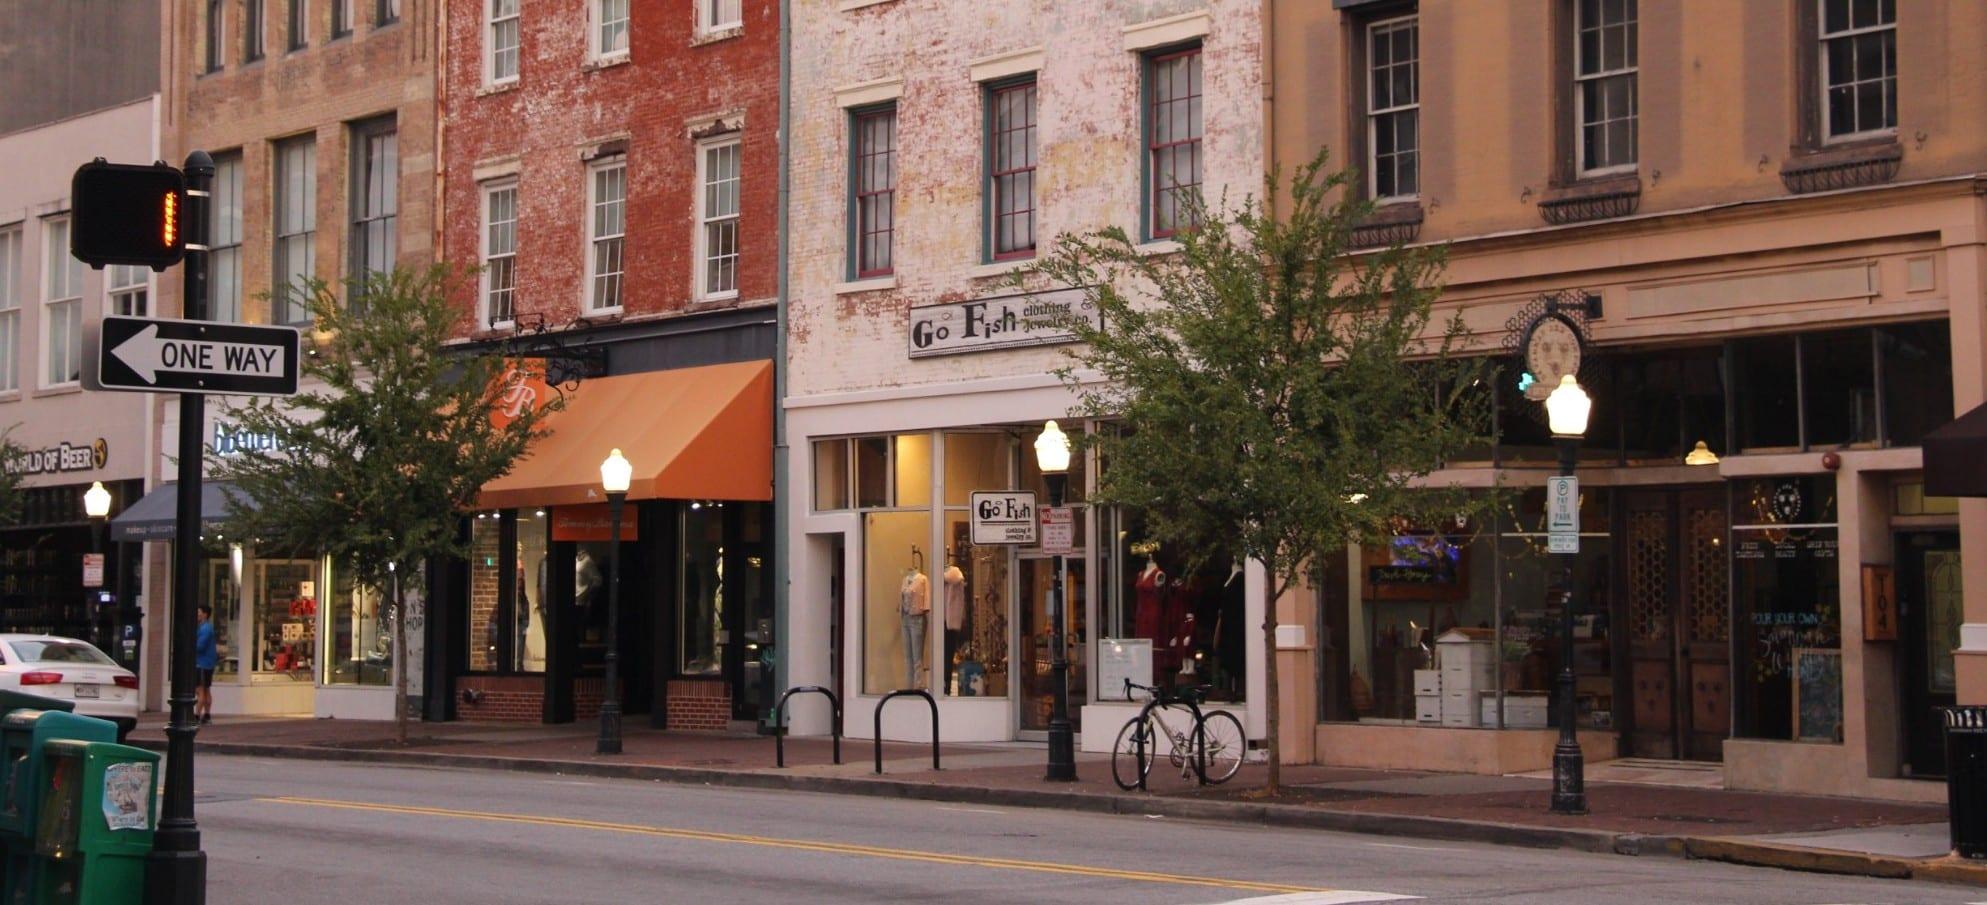 Broughton Street Savannah